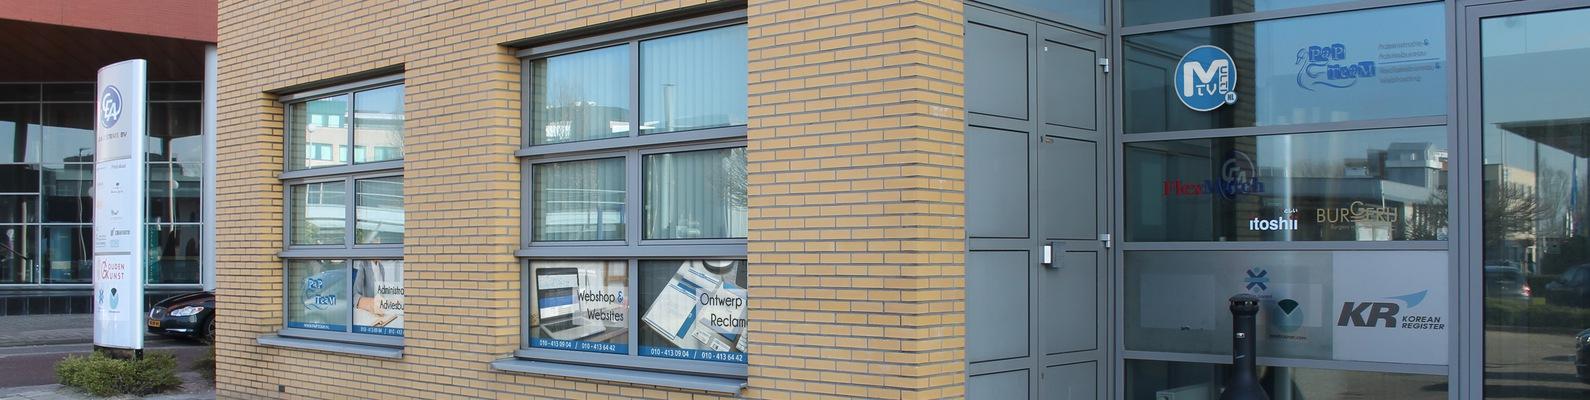 Topografie nederland provincies en stedendating